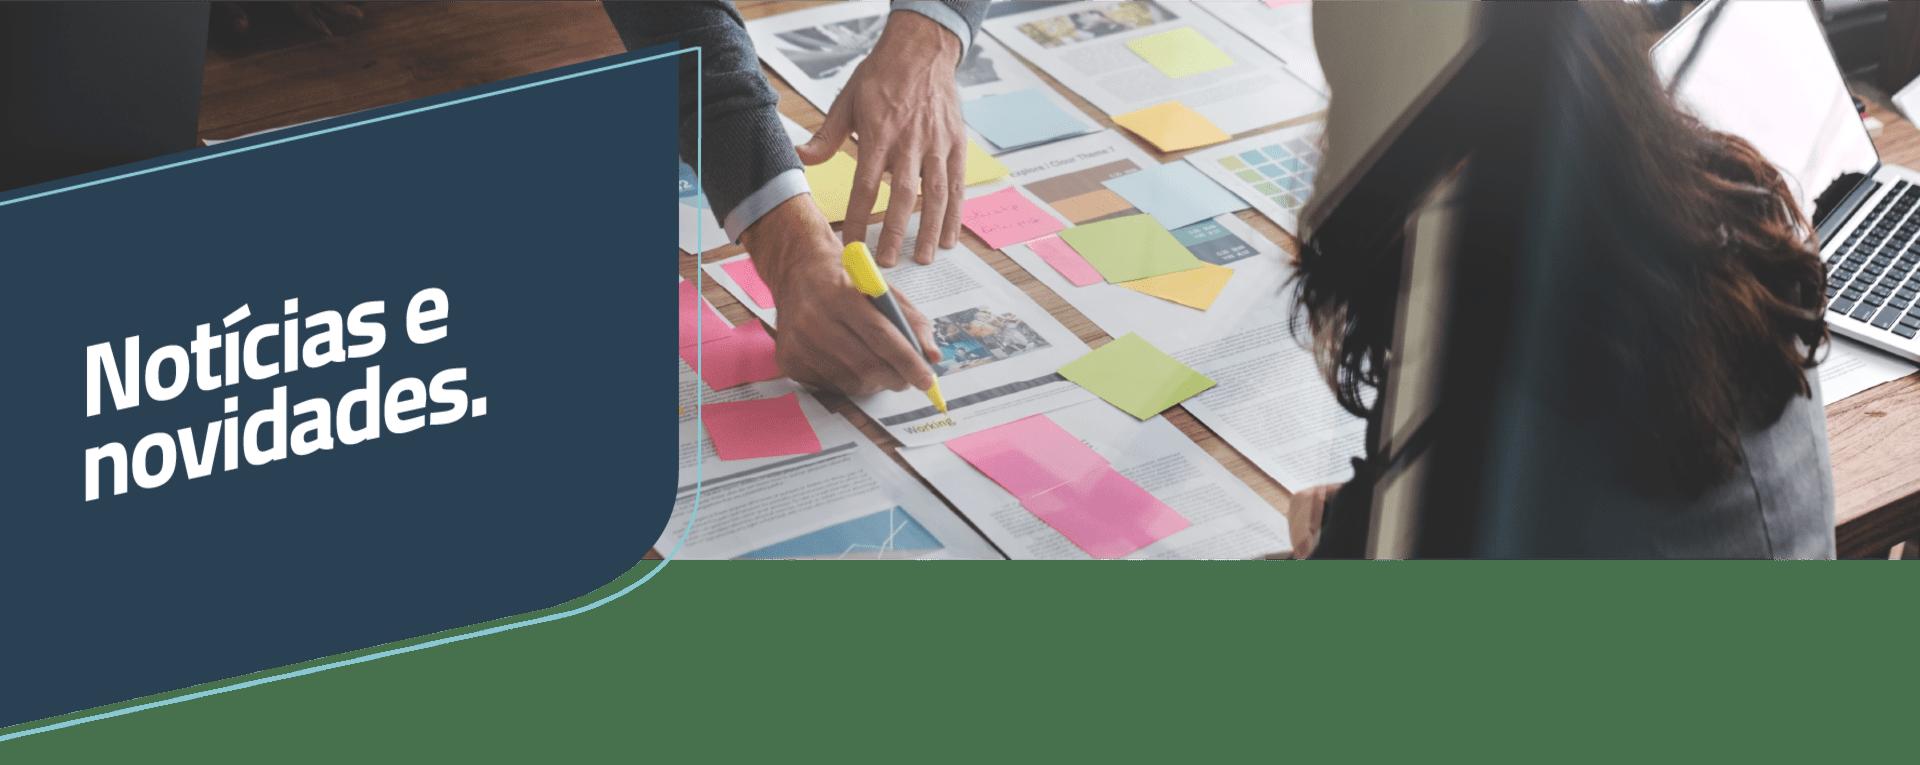 Notícias e novidades do setor gráfico